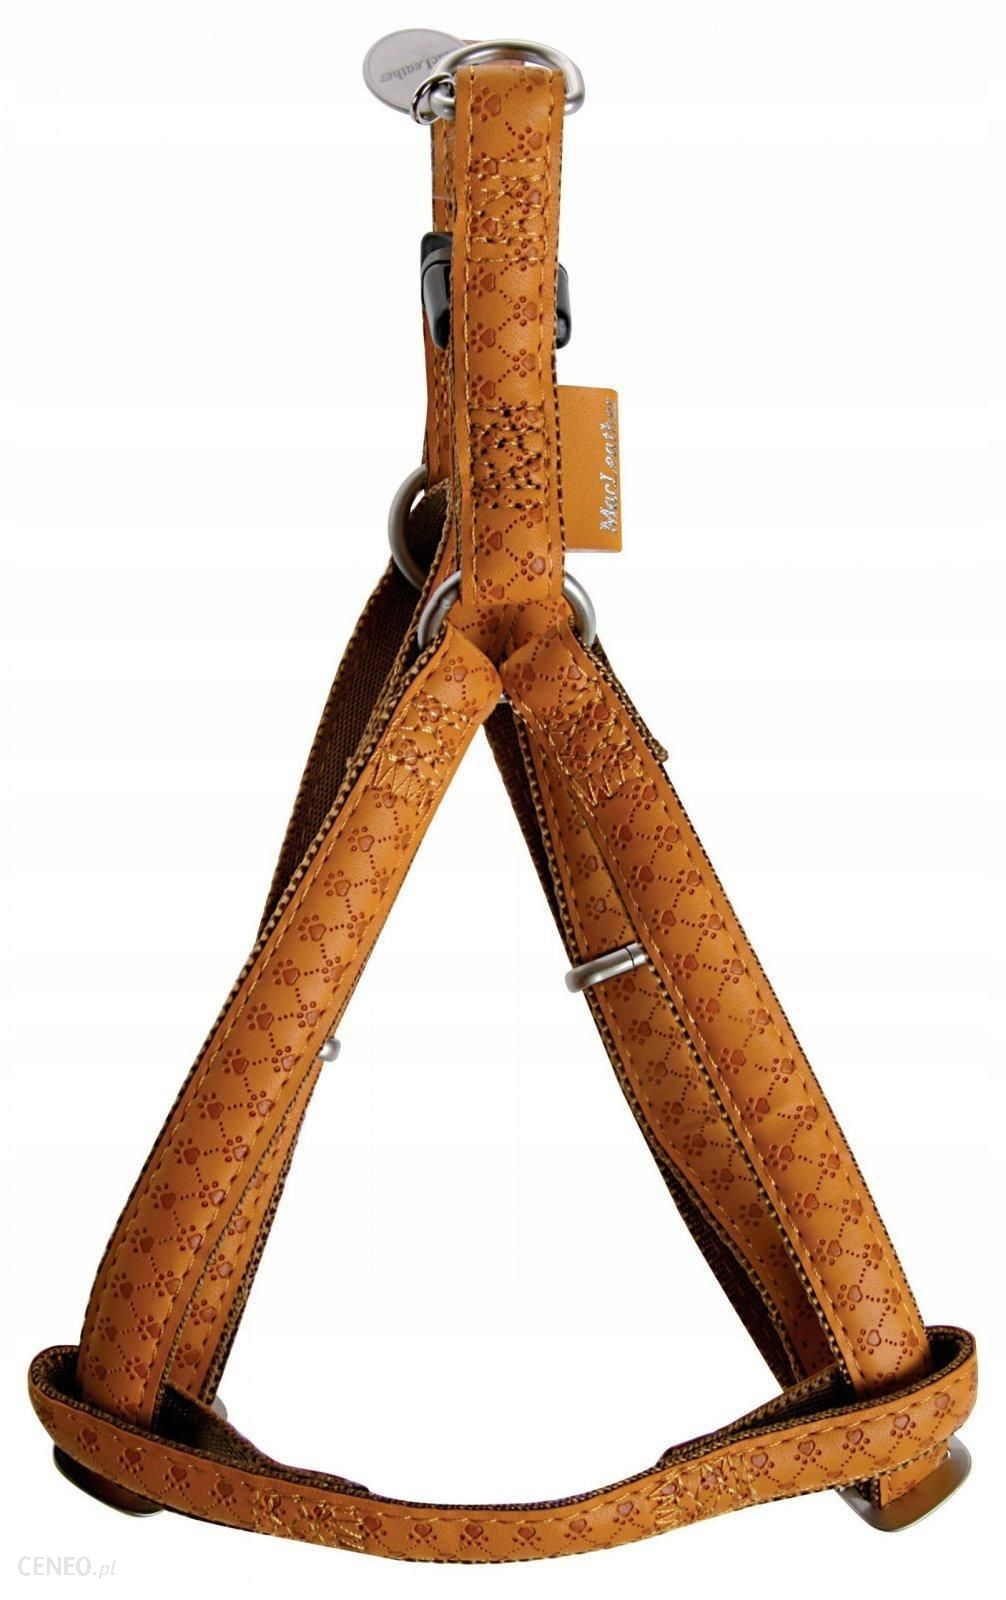 Zolux Szelki regulowane Mac Leather 25mm